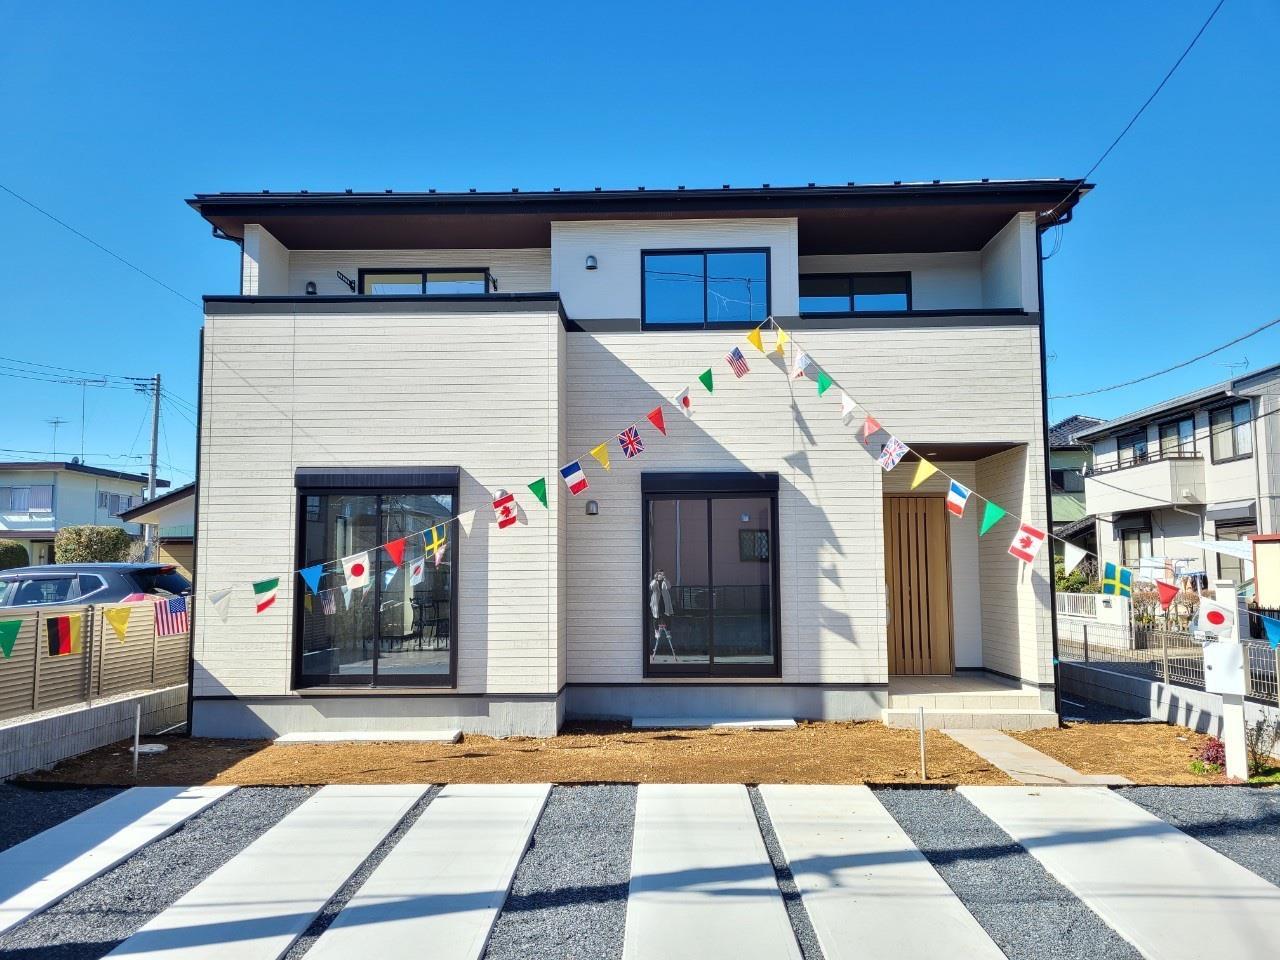 【KEIAI】 - FiT- 稲敷郡阿見町26期 1号棟